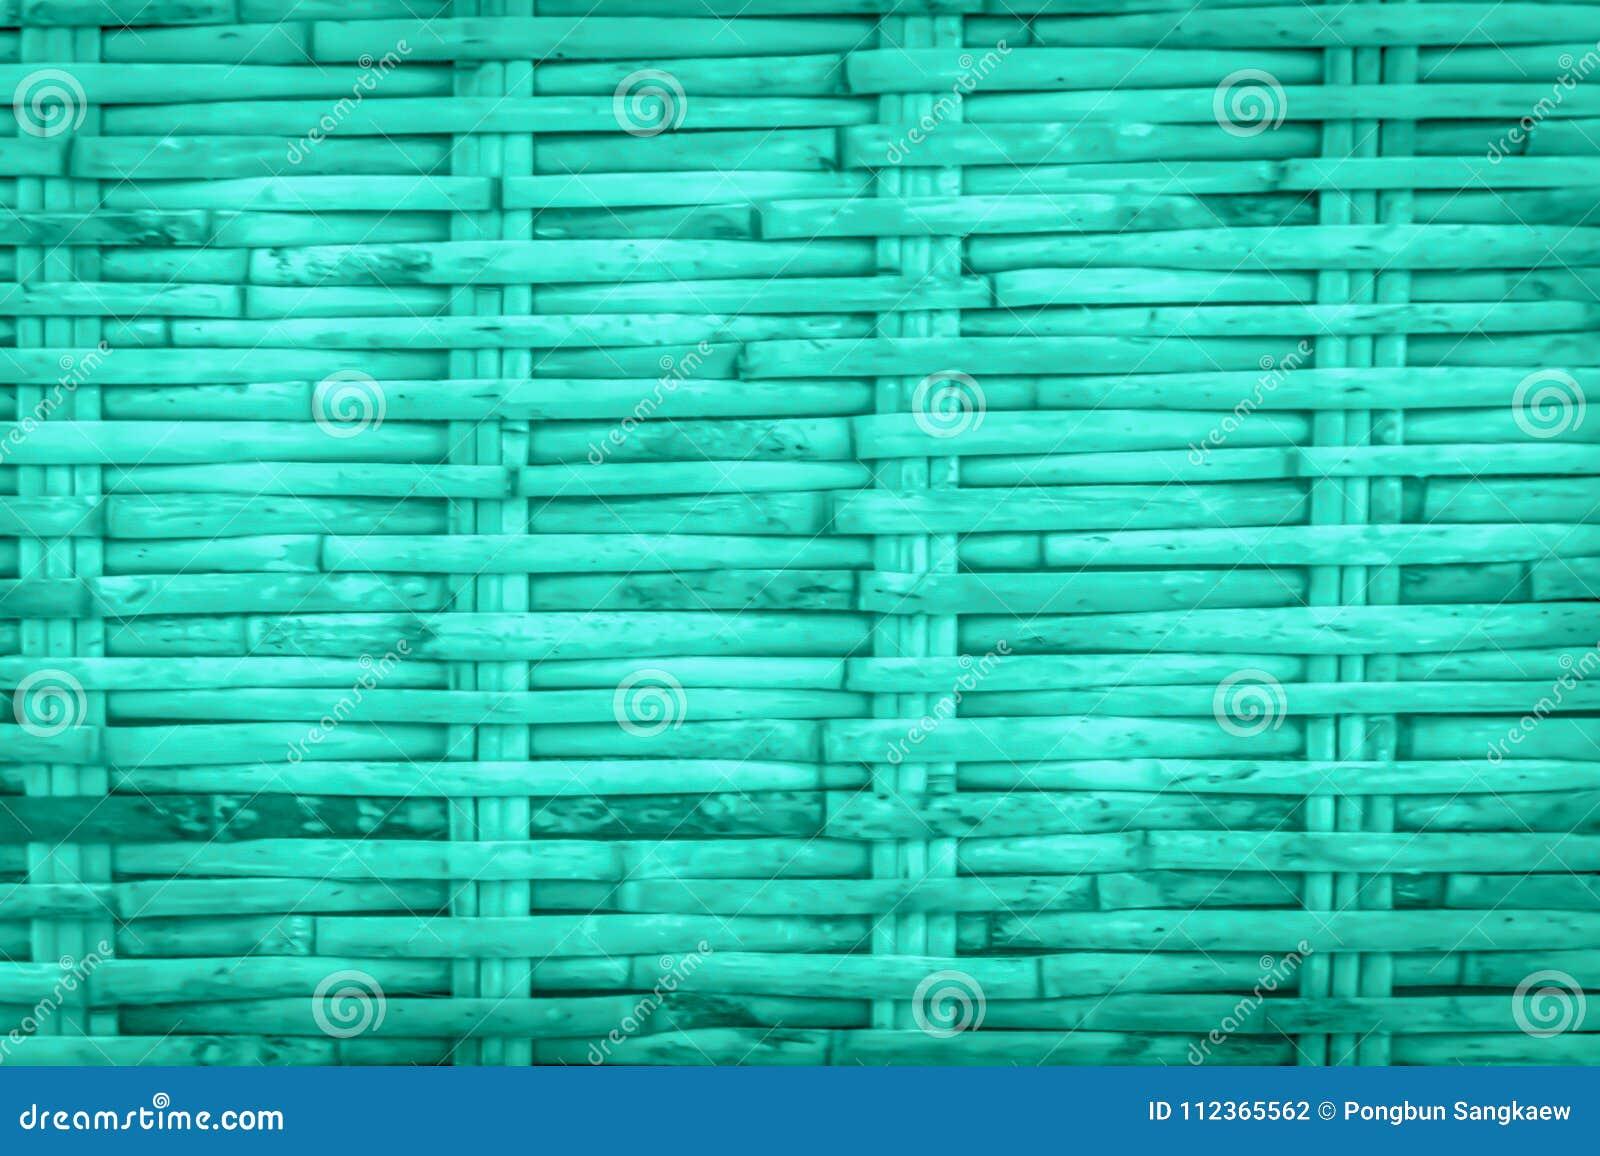 Fundo de madeira de bambu azul do teste padrão